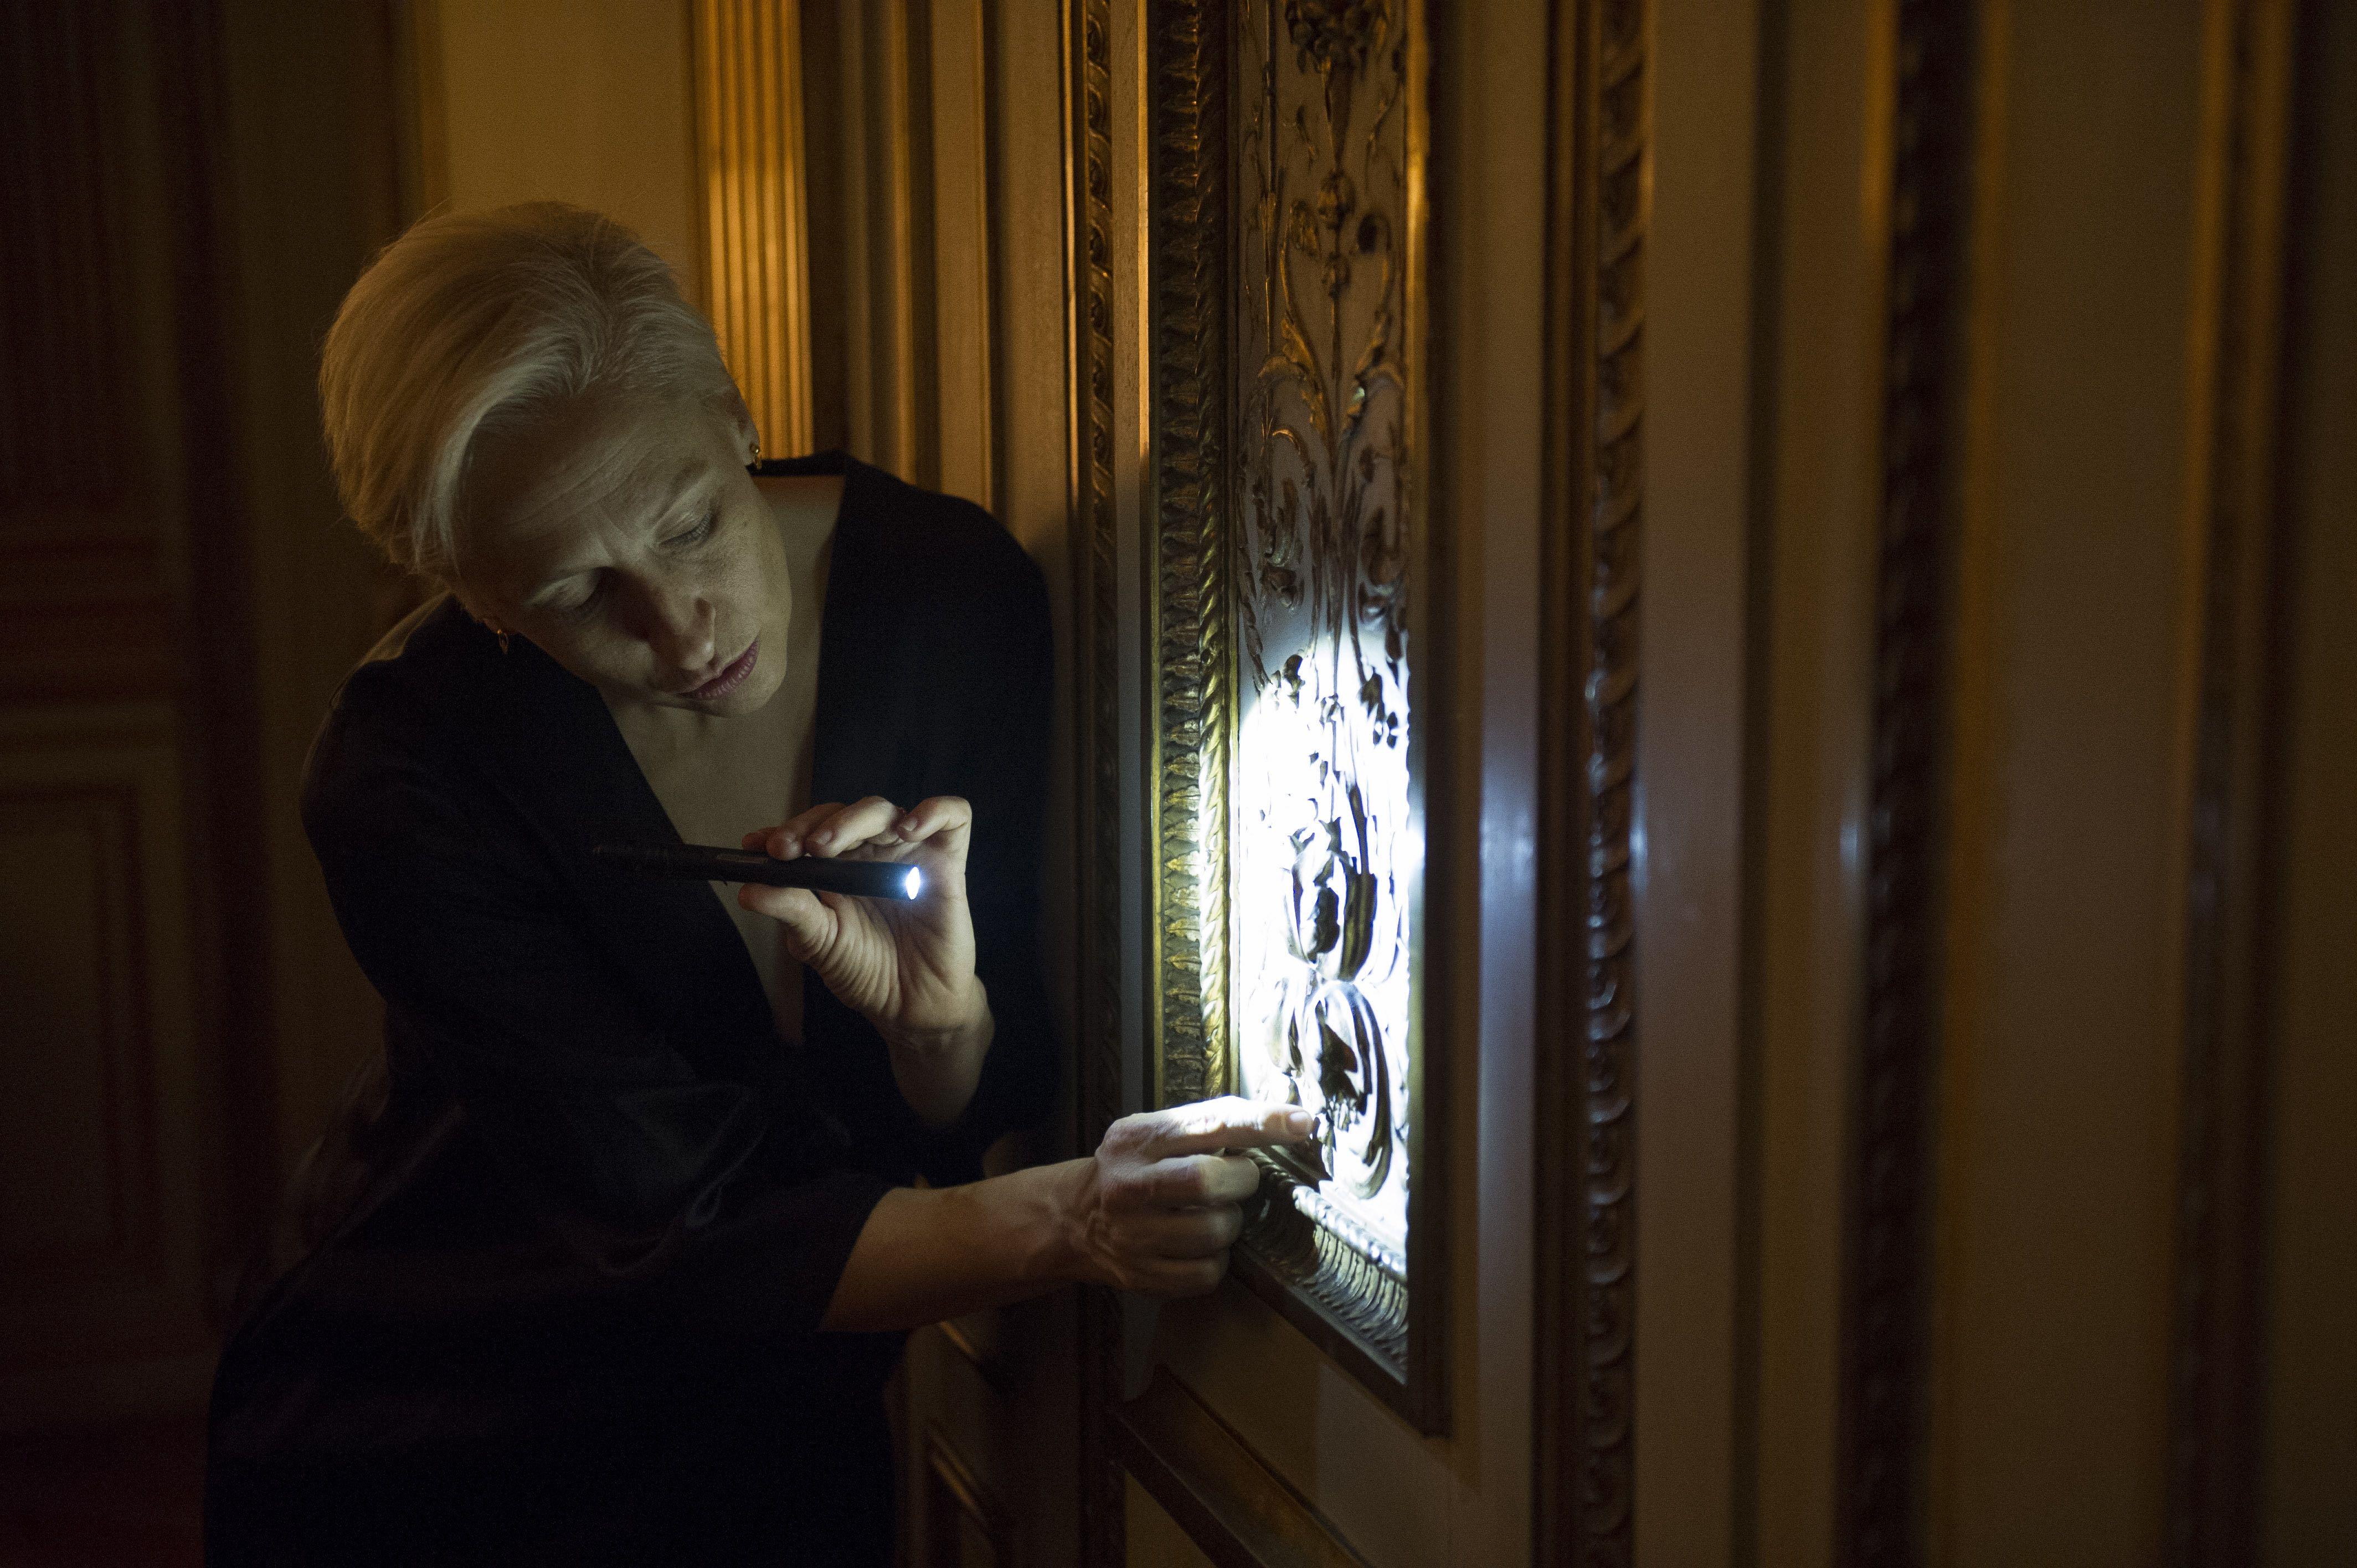 Spectacle: LIEU HISTORIQUE, Chorégraphe: Jennifer Lacey, en collaboration avec Alix Eynaudi, Compositrice et harpiste: Zeena Parkins, Dans le cadre du Festival d'Automne à Paris, Lieu: Mona Bismarck American Center, Paris, le 11/12/2015